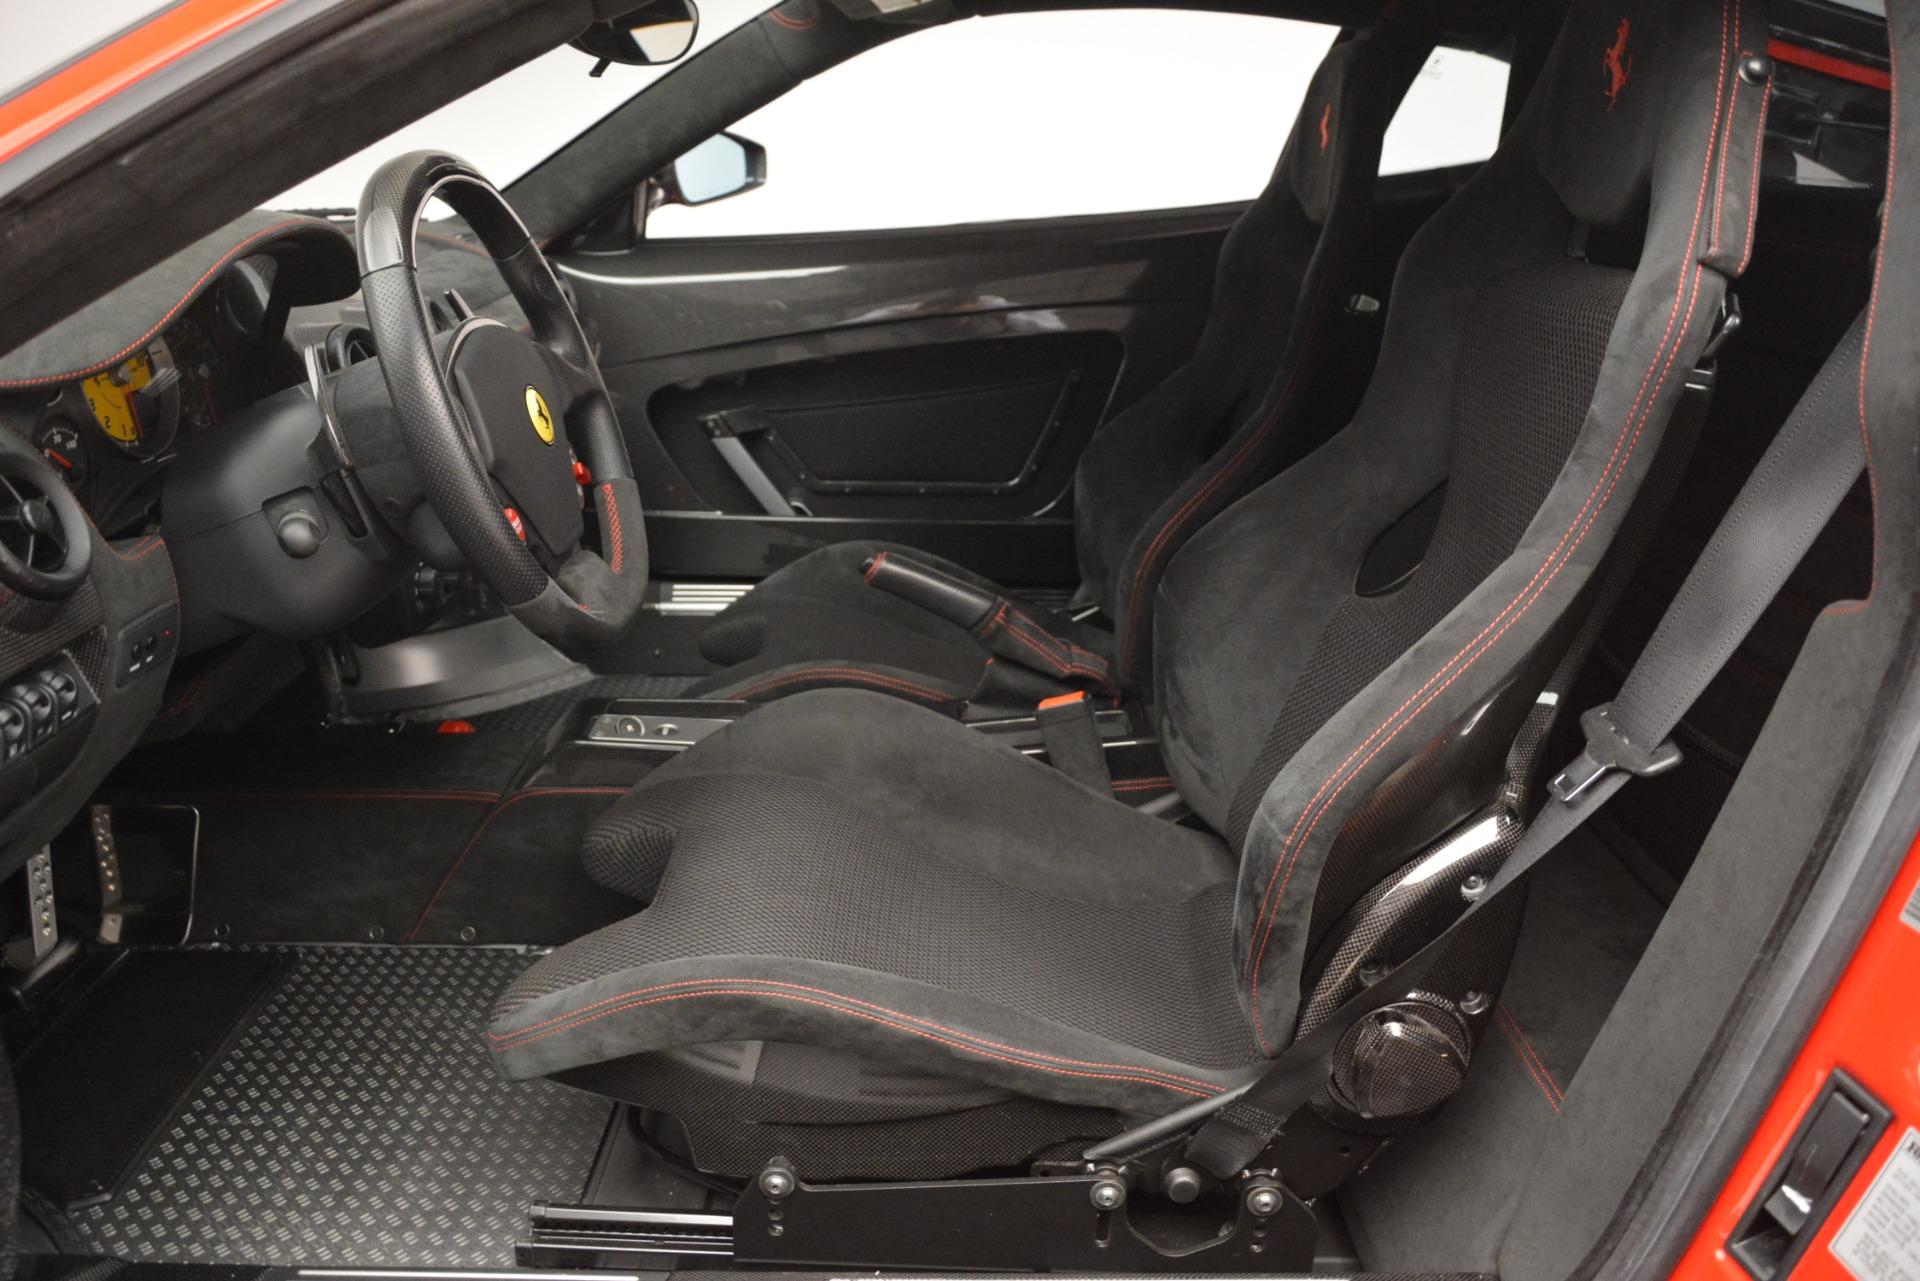 Used 2008 Ferrari F430 Scuderia For Sale In Greenwich, CT 2955_p14